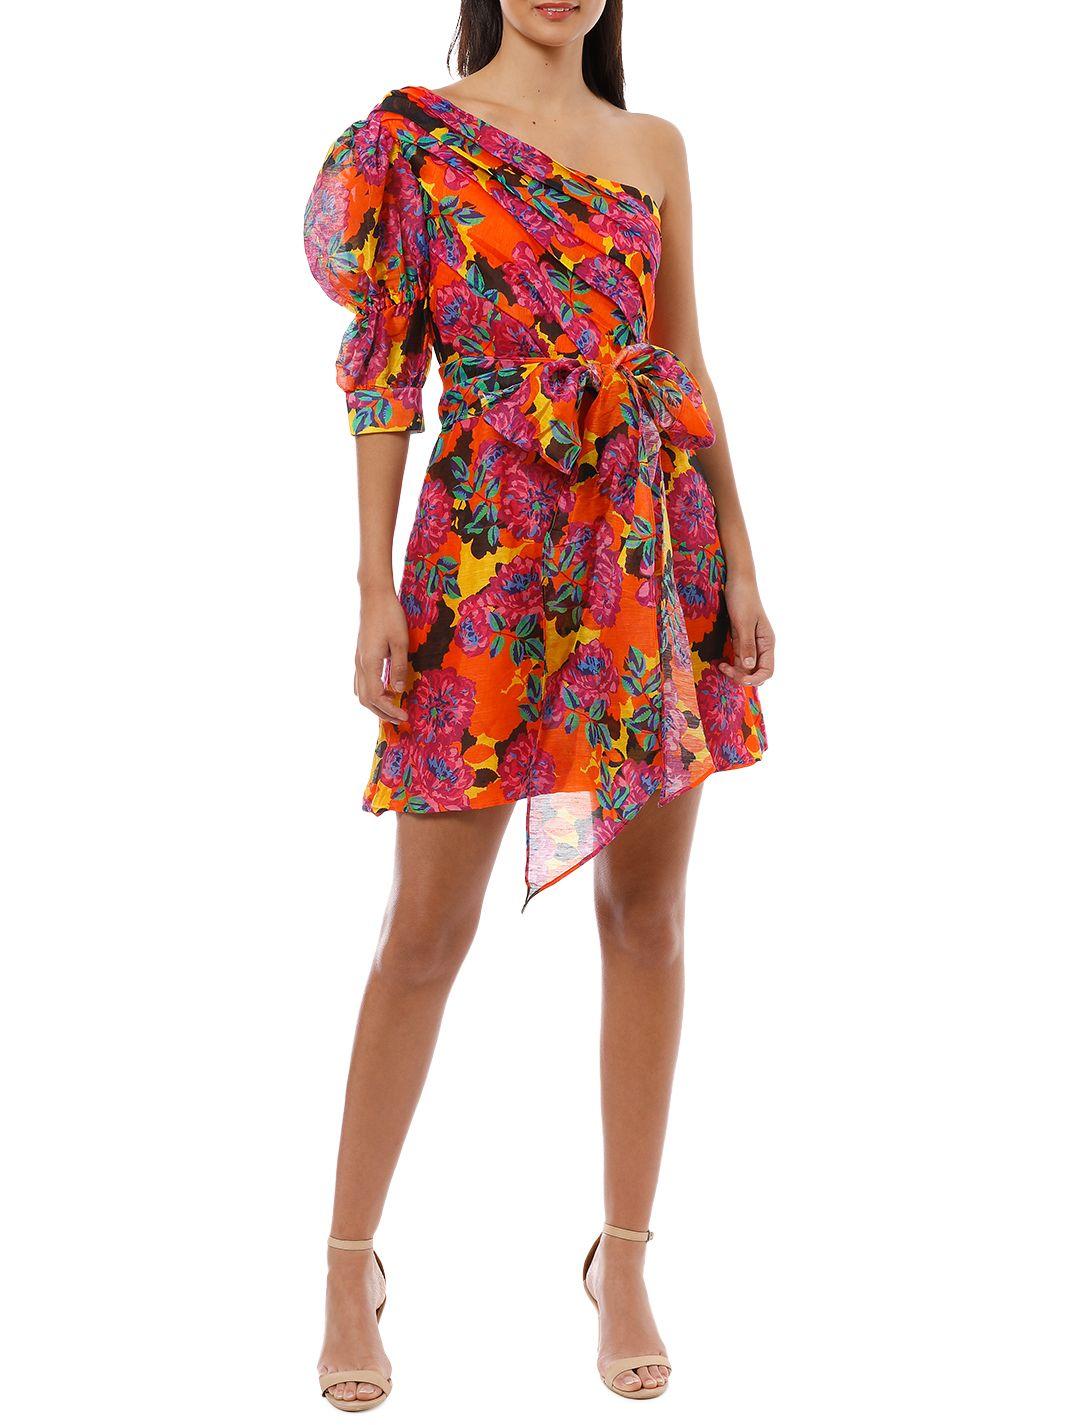 Talulah - Blossom Mini Dress - Multi - Front